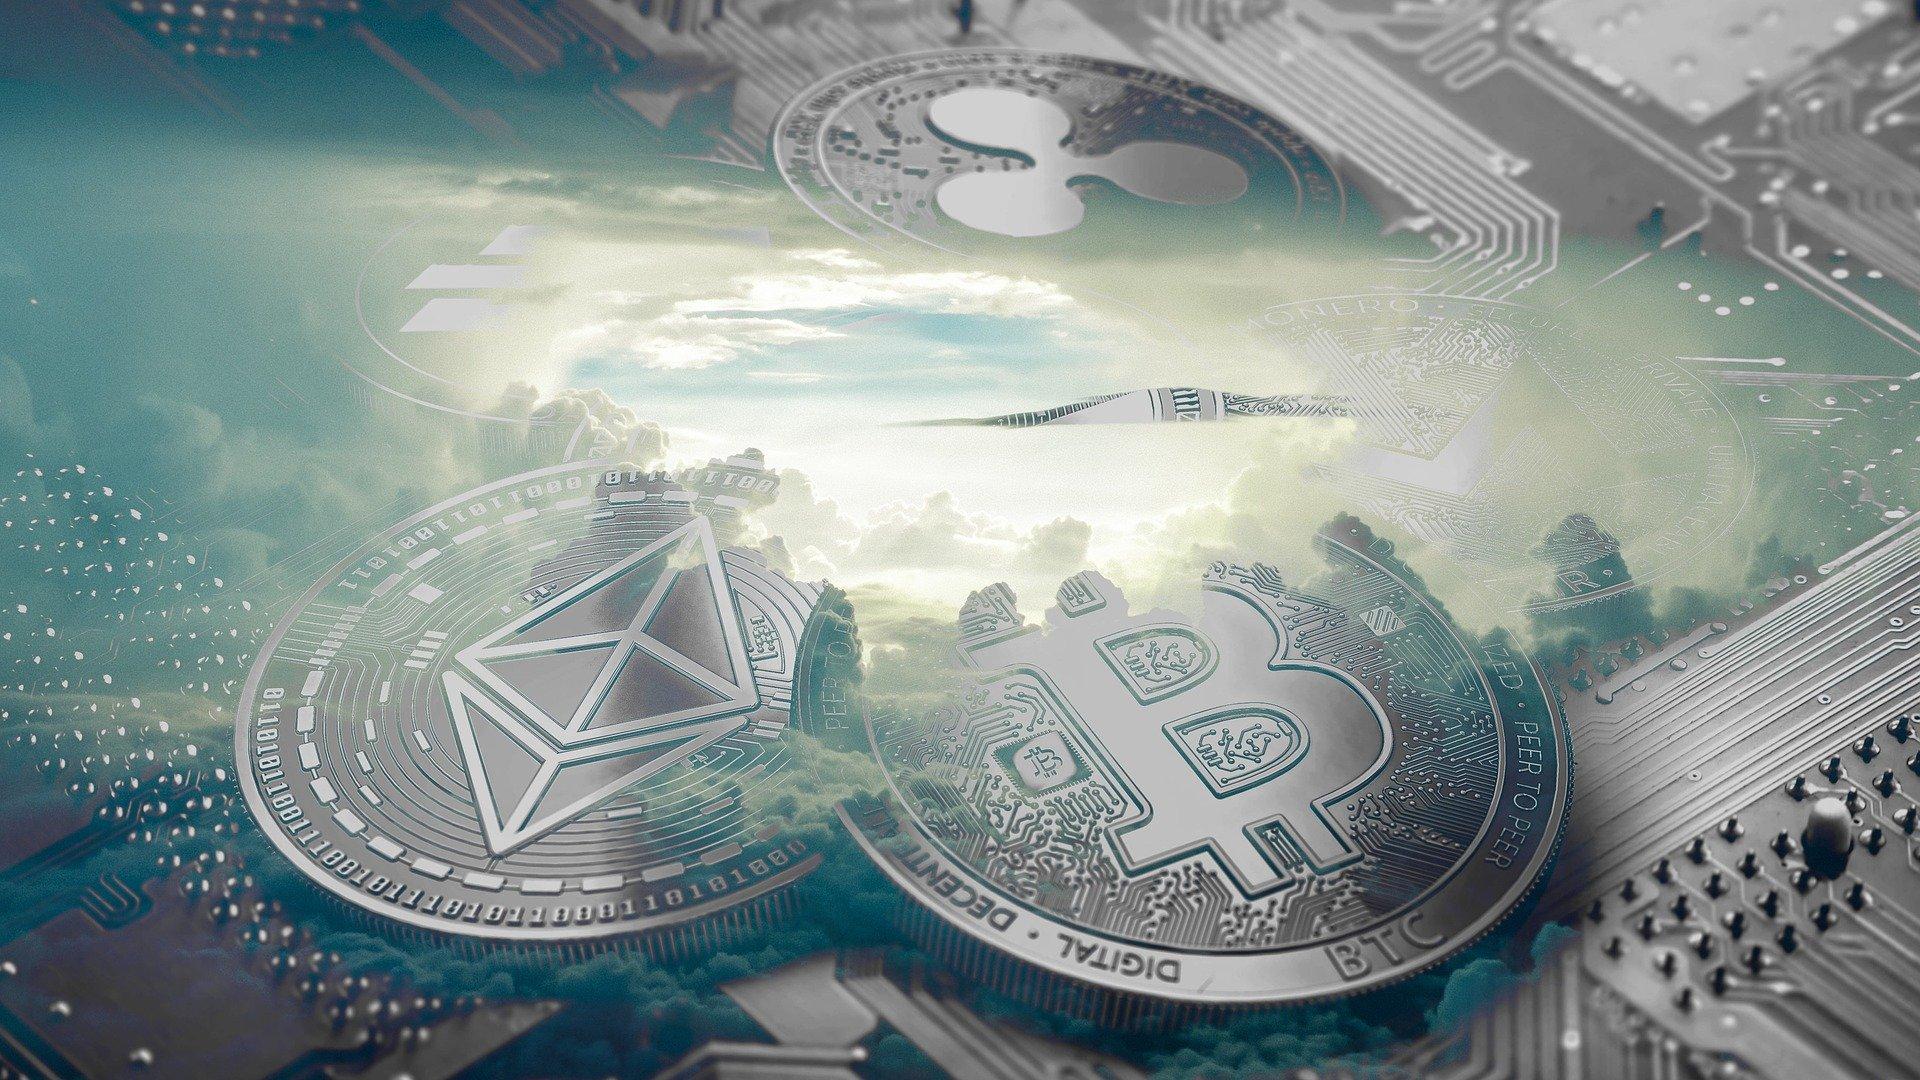 Händlern bei Bitcoin Evolution beim Ein- und Ausstieg